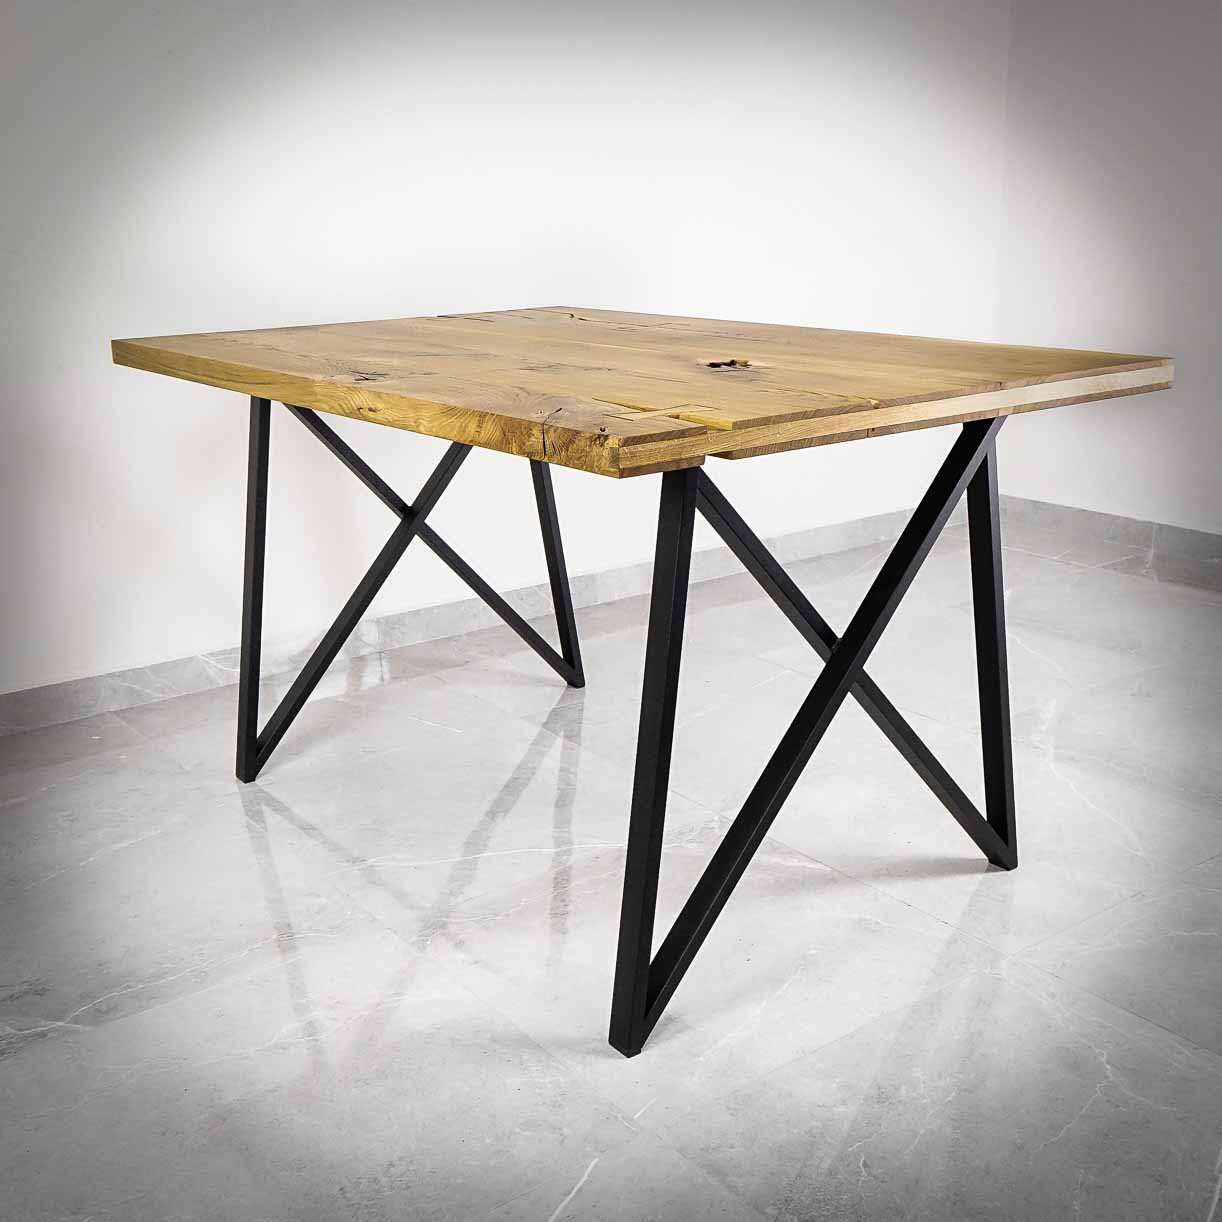 Nogi stołu loftowego VALOT